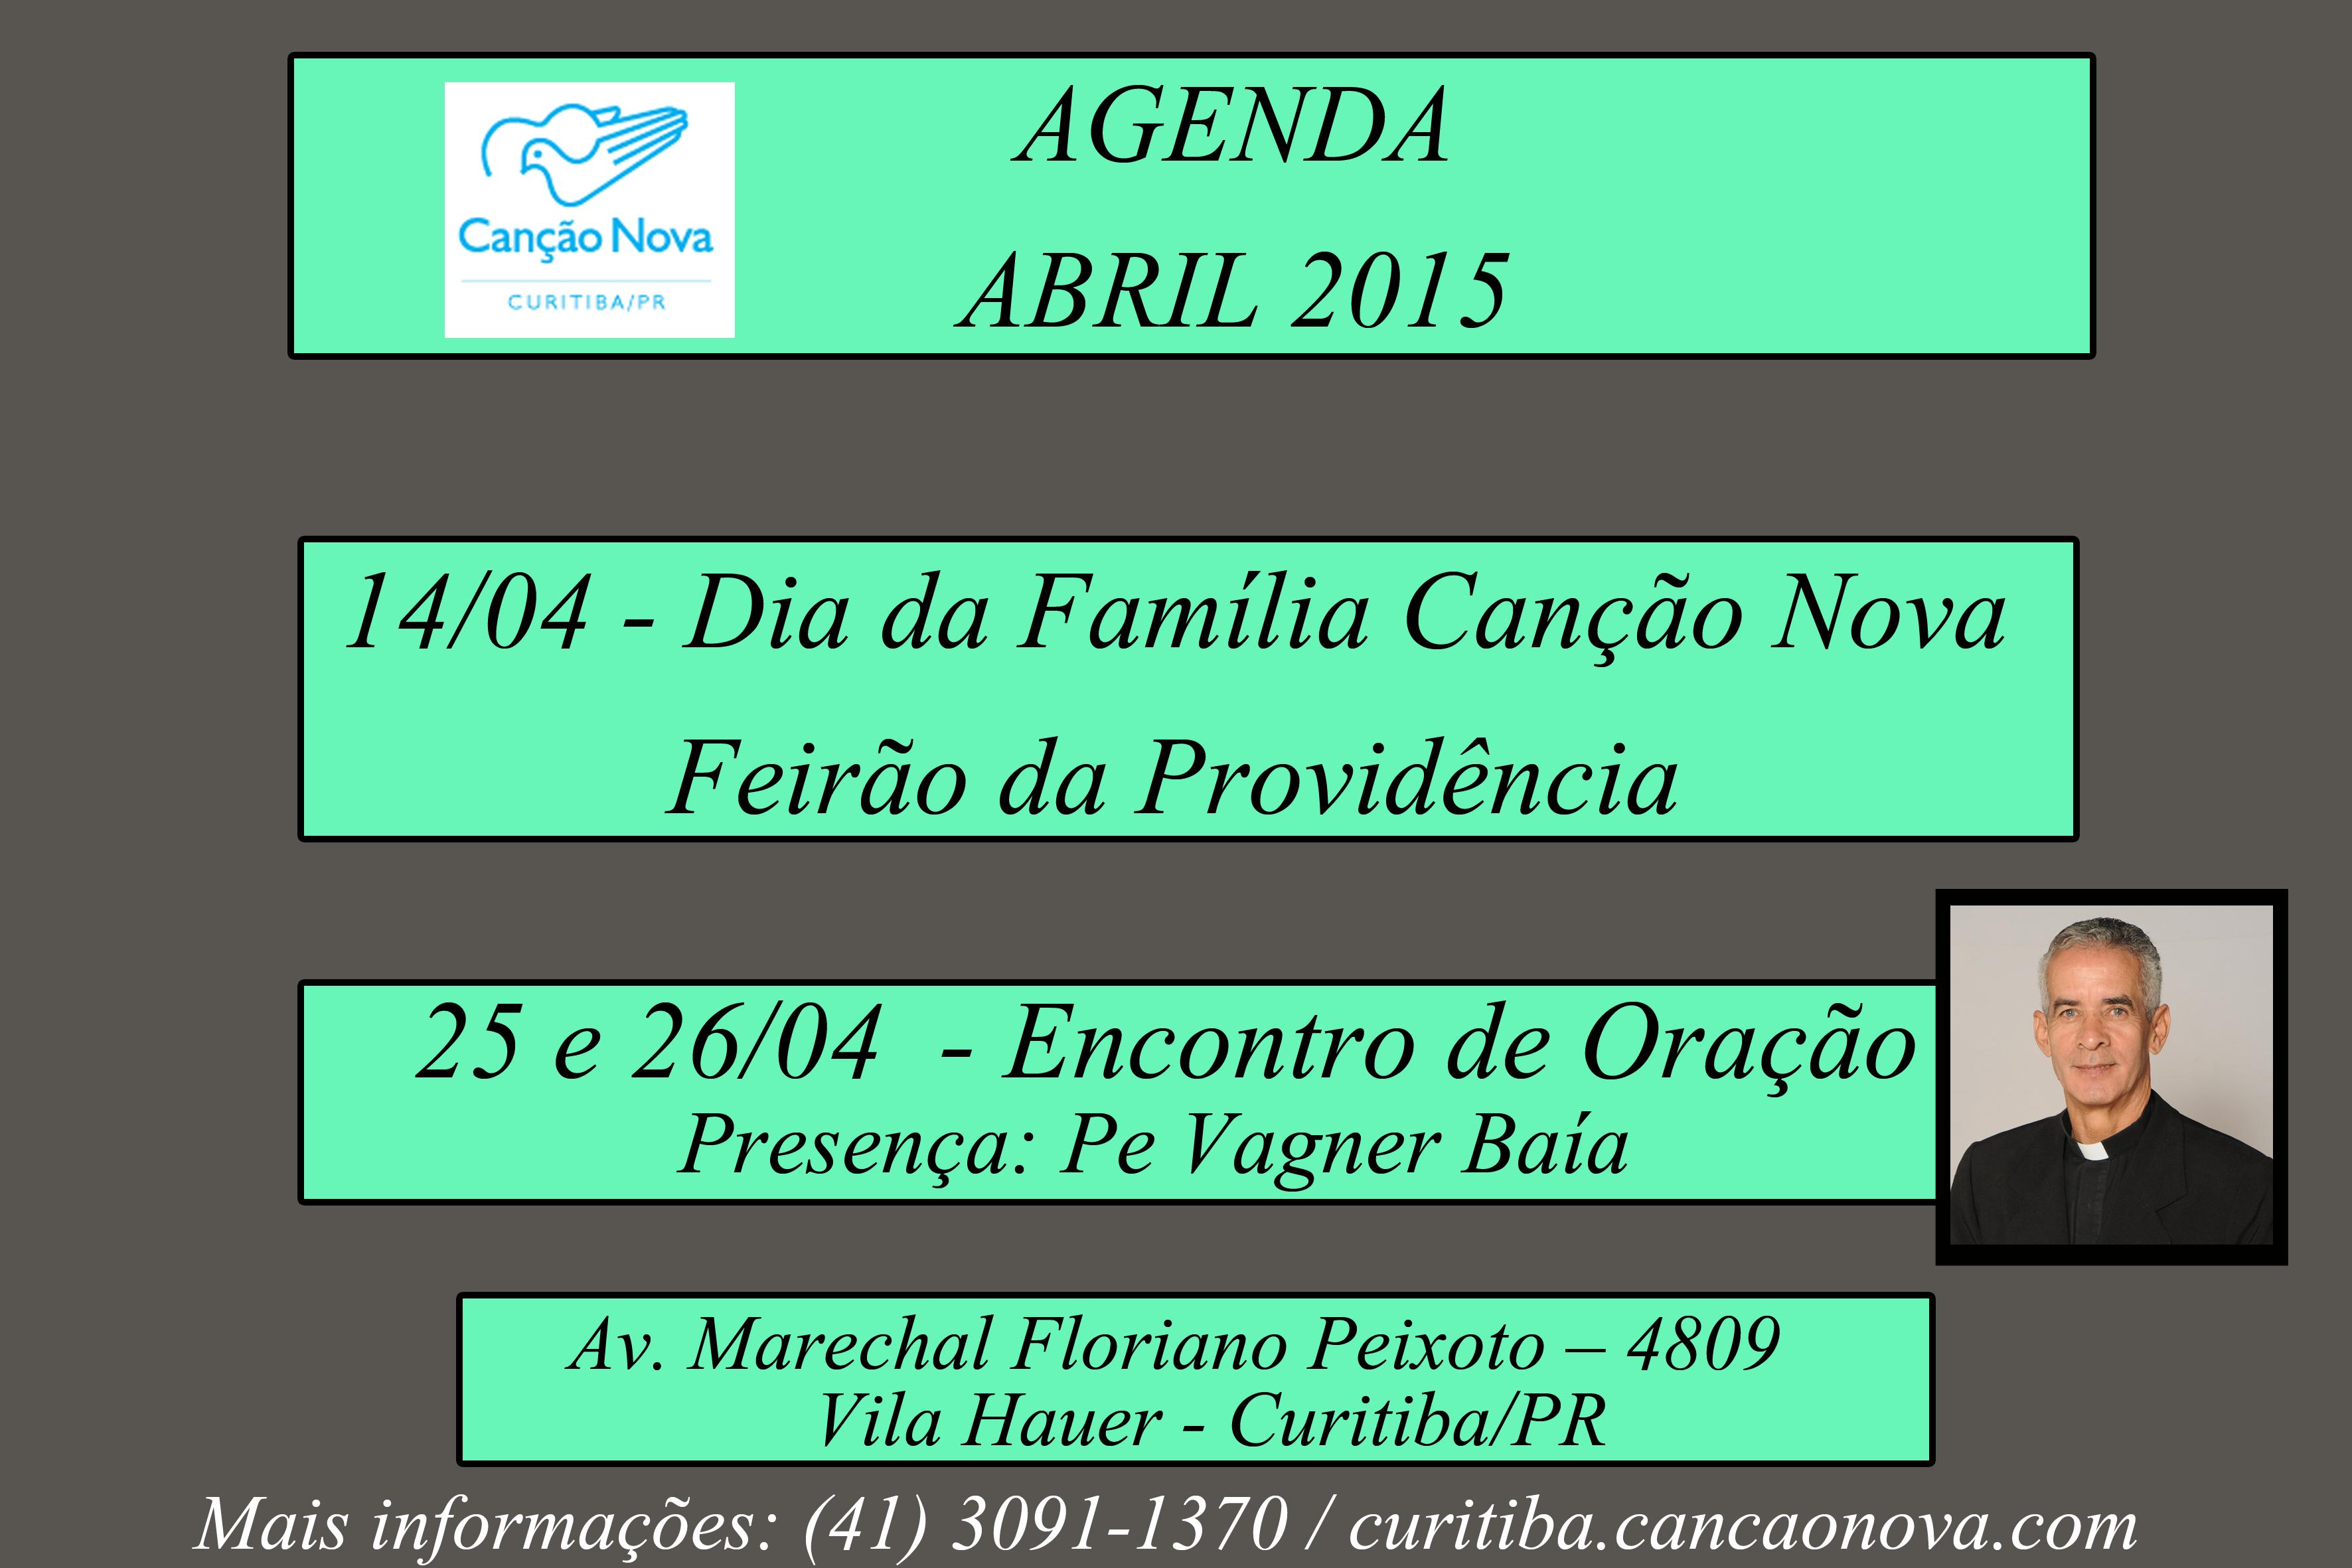 Agenda Abril/2015